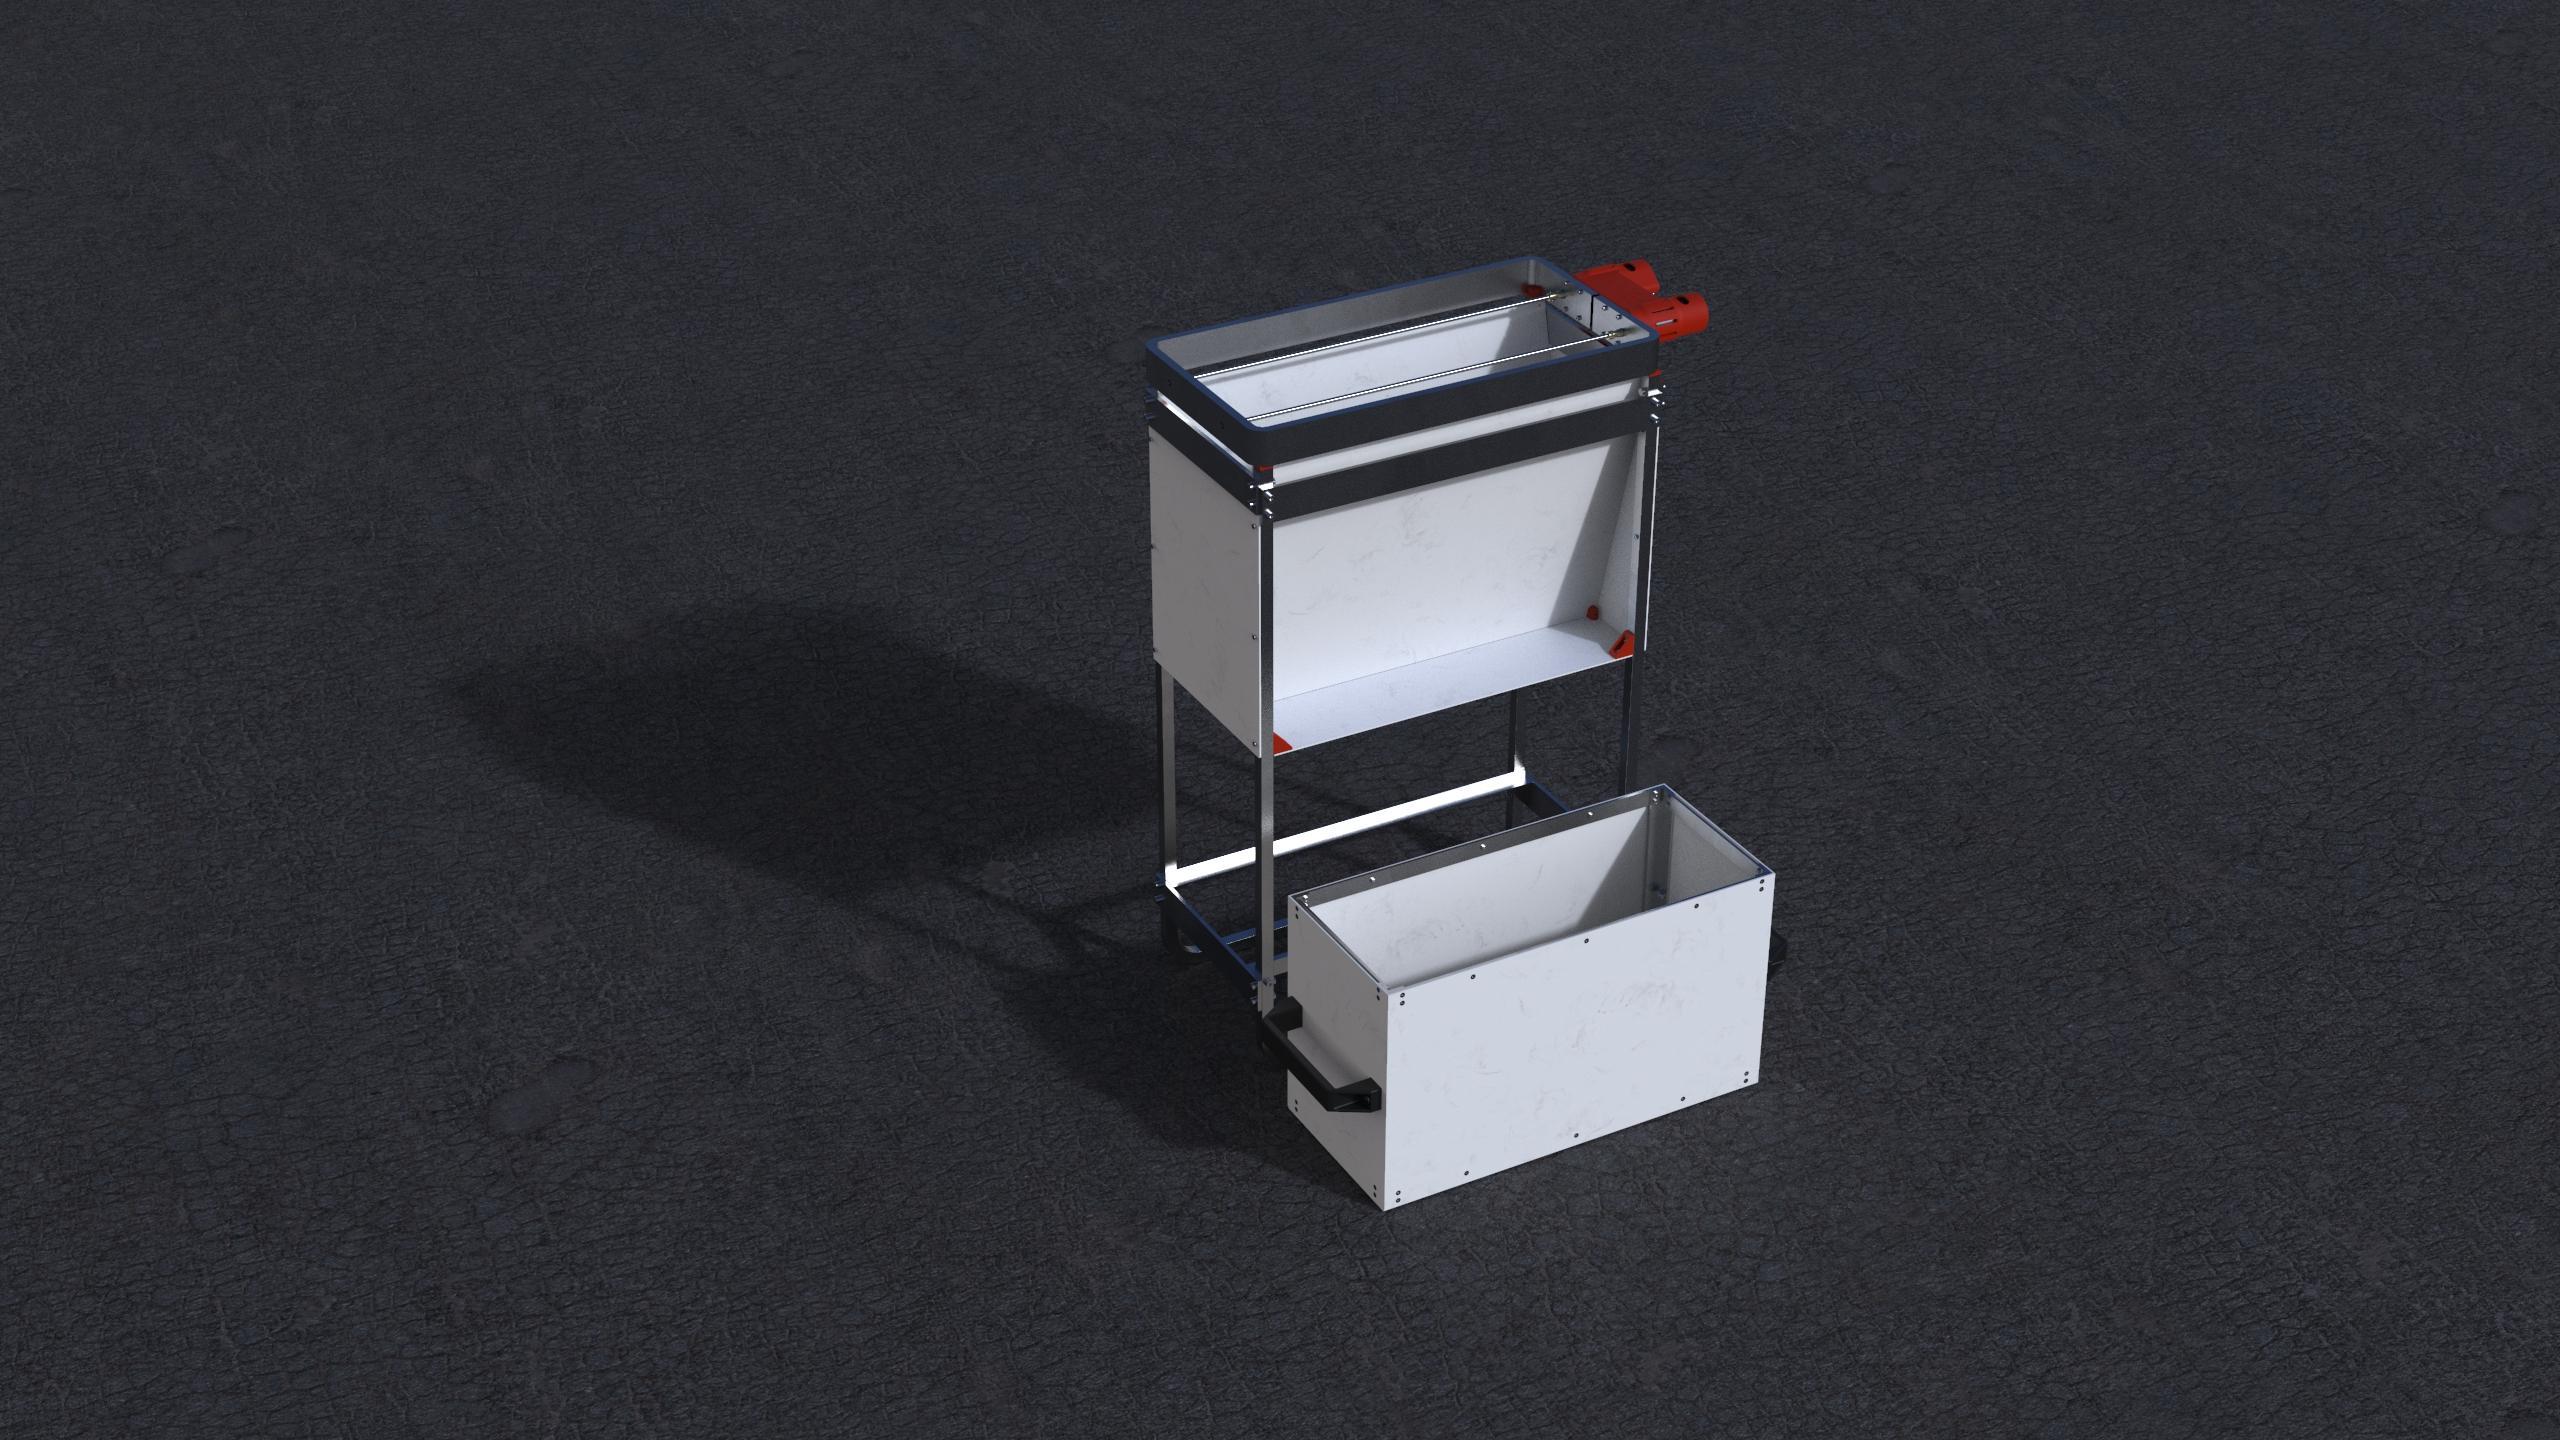 BeeNovation méhleseprő gép